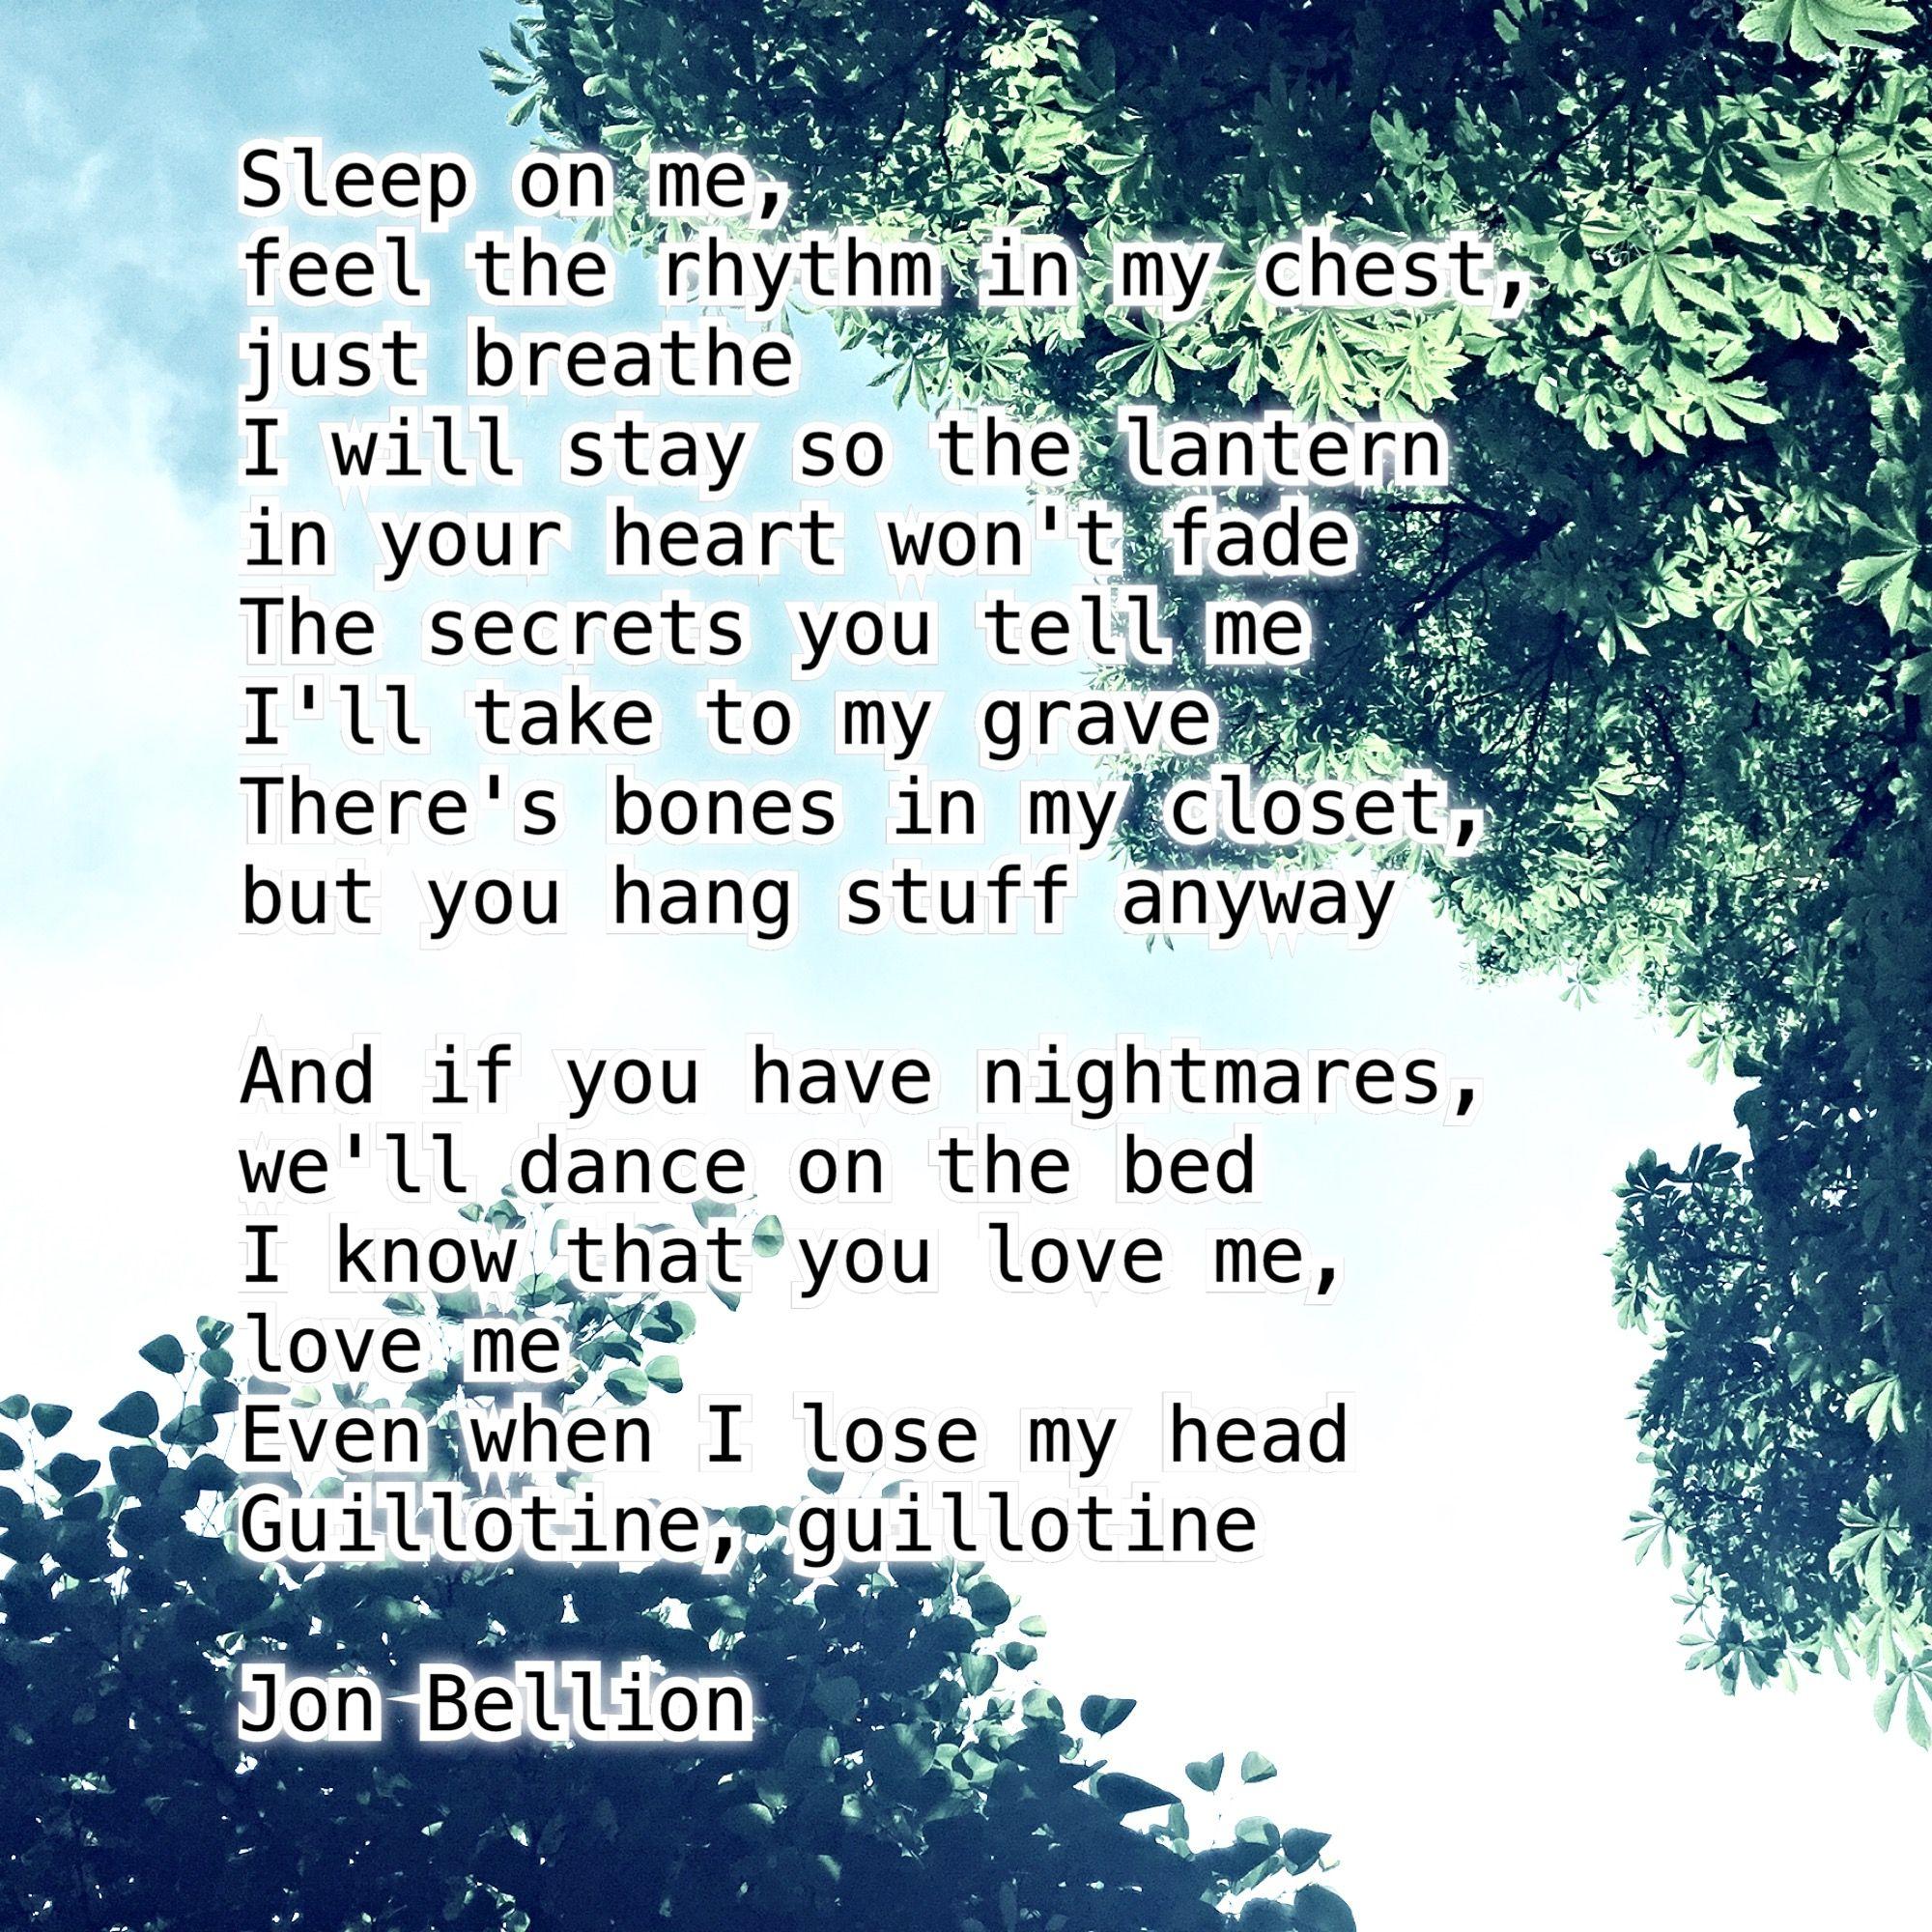 Sleep on me, feel the rhythm in my chest, just breathe I